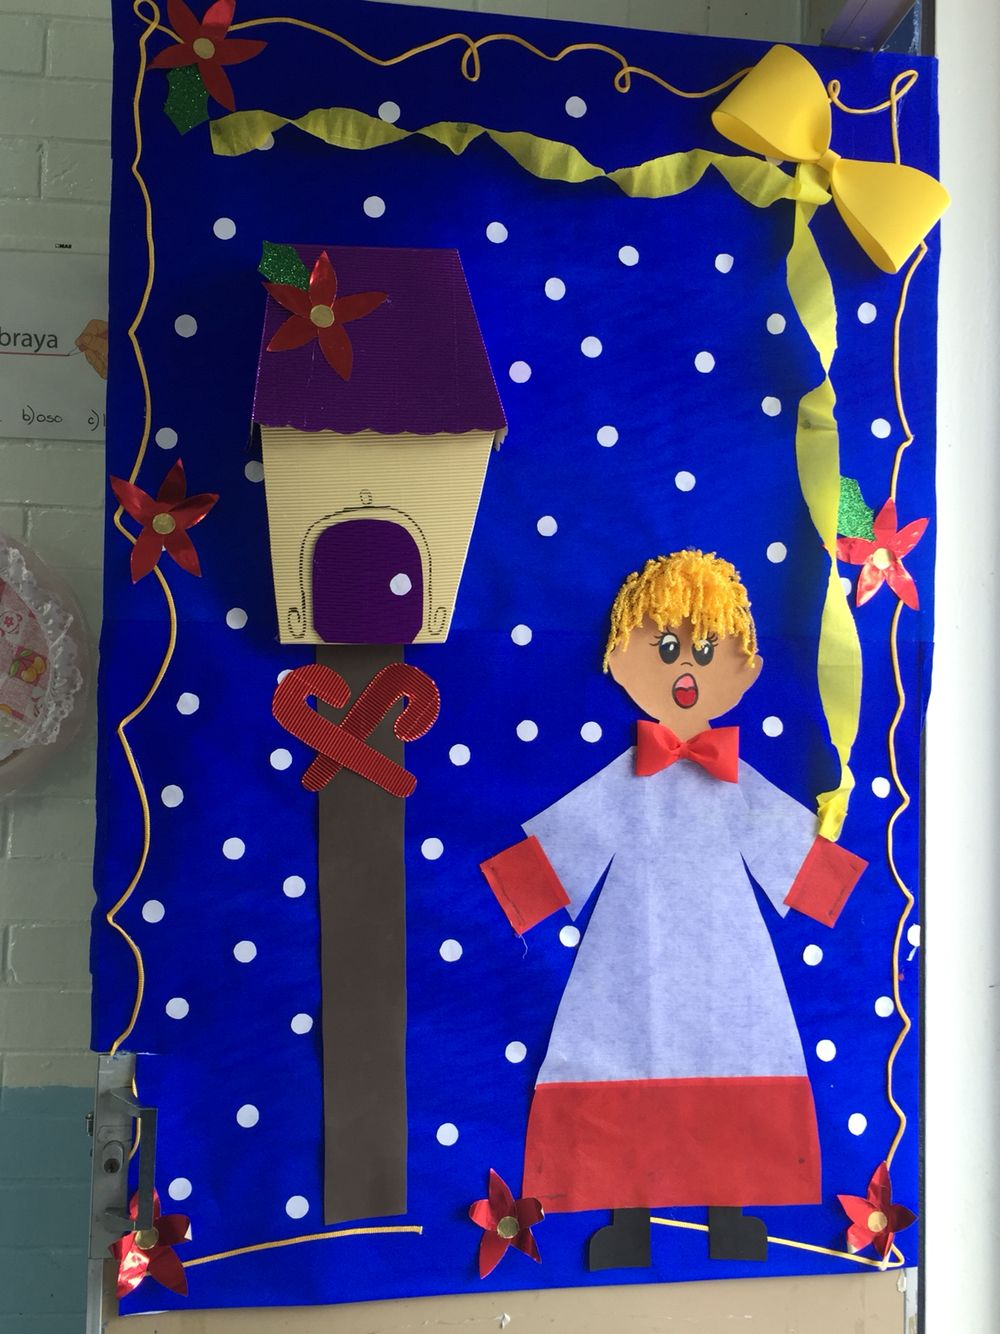 Puerta navide a puertas decoradas puertas decoradas for Puertas decoradas 16 de septiembre